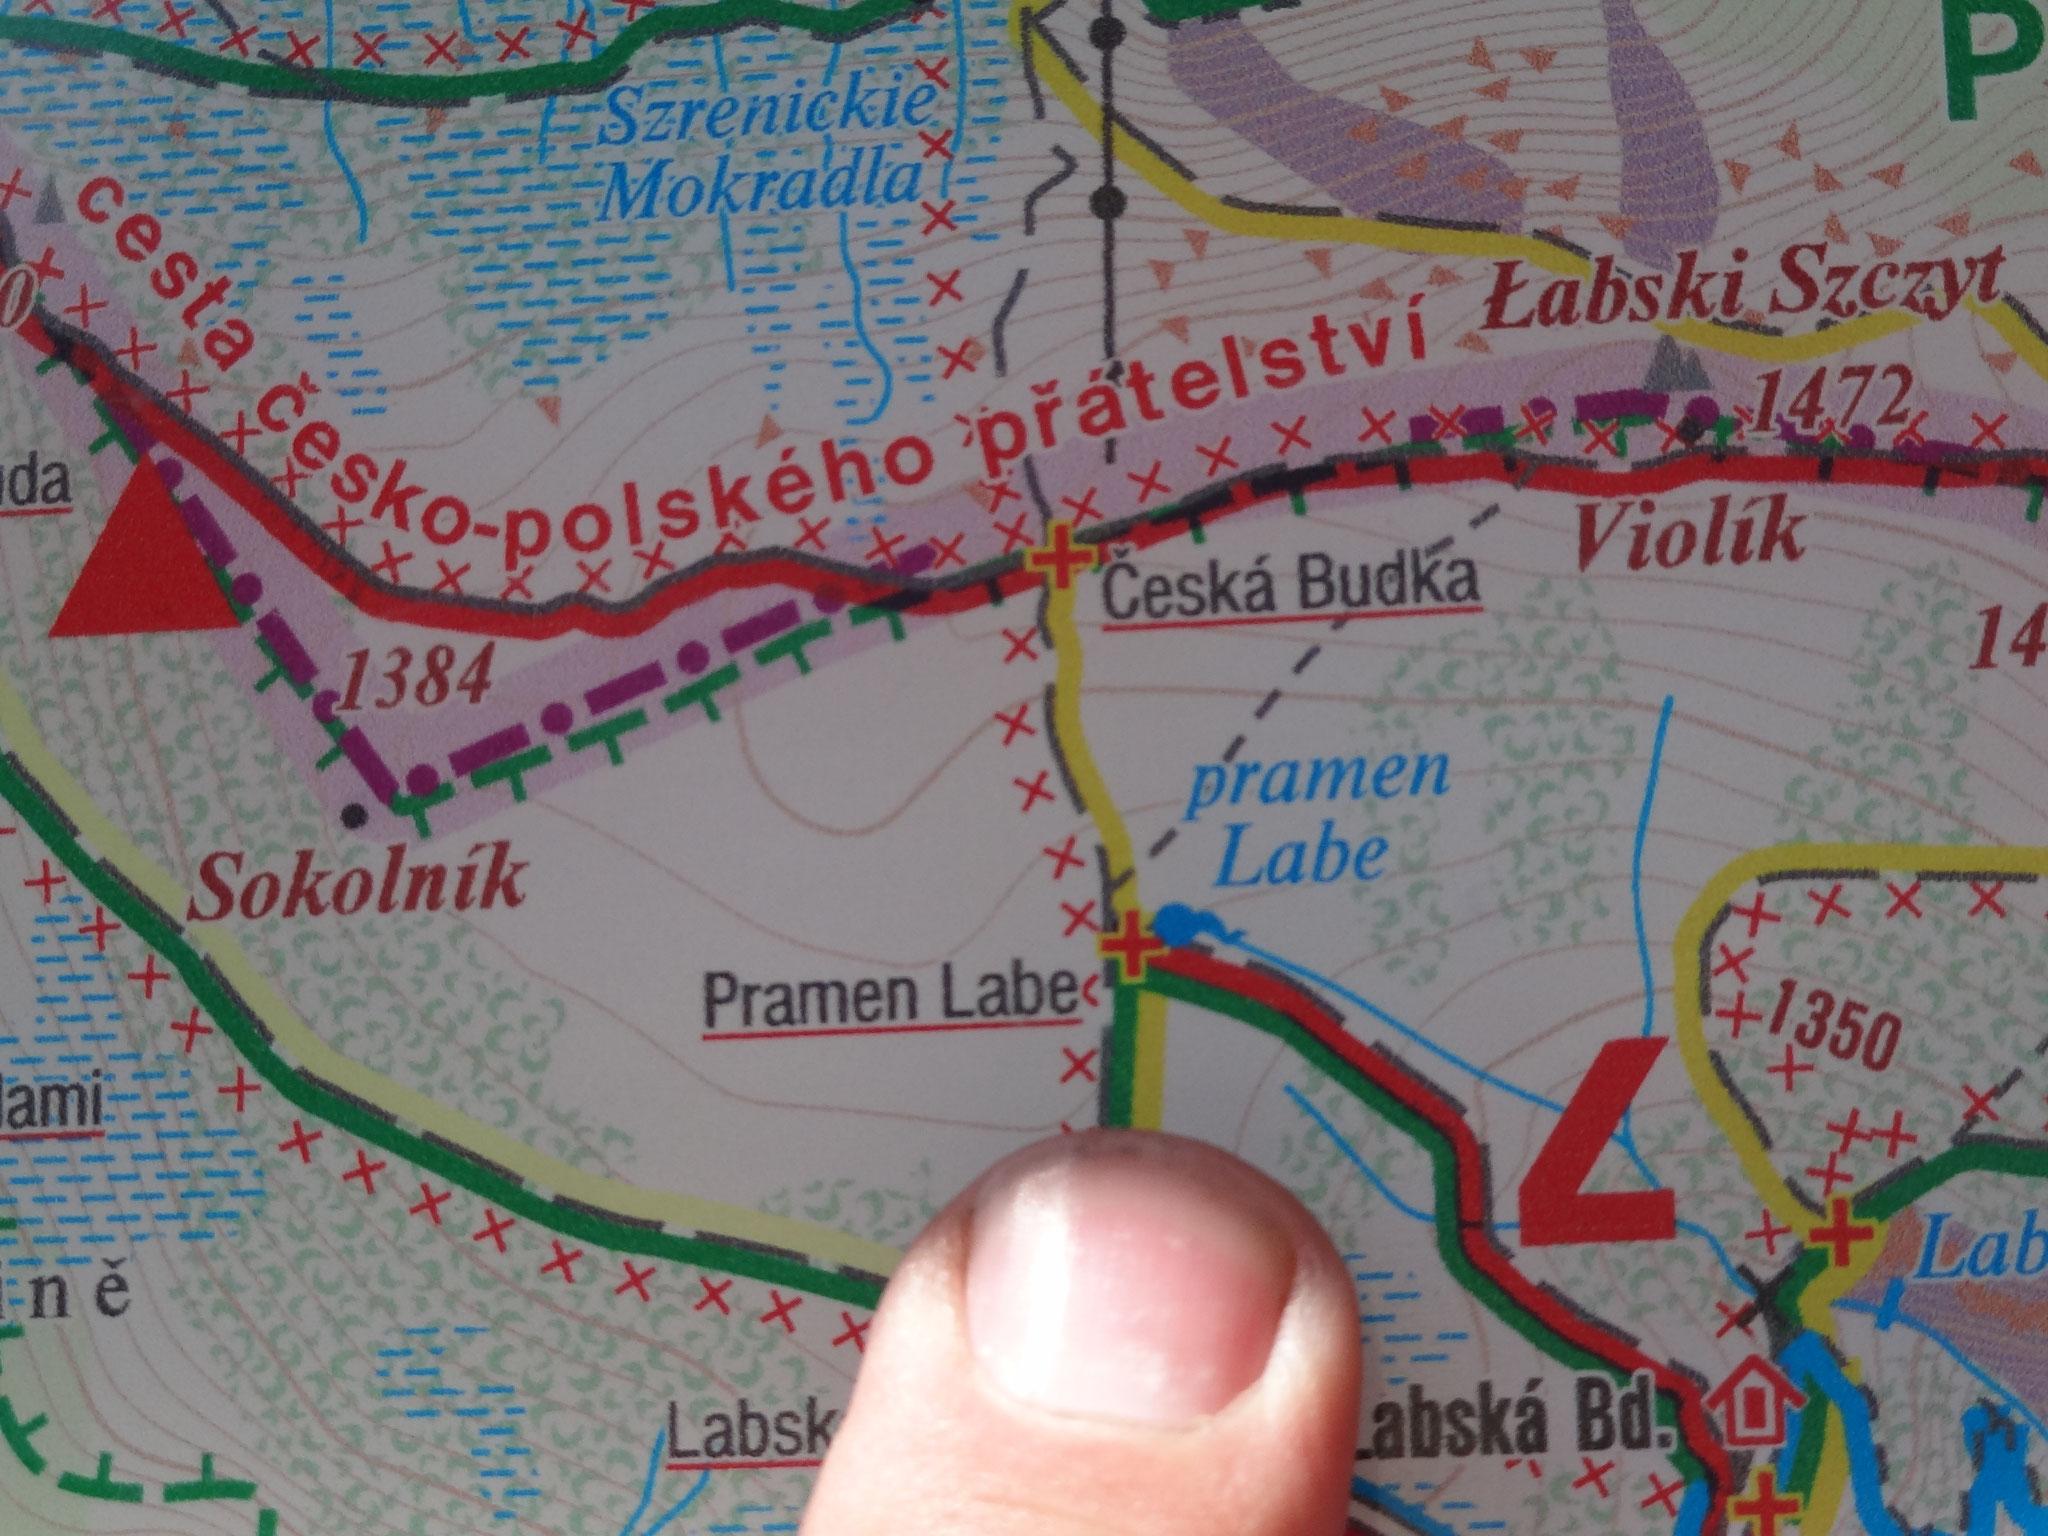 Die Elbquelle befindet sich im Norden Tschechiens an der Grenze zu Polen, am Hauptkamm des Riesengebirges. Sie liegt nordwestlich von Špindlerův Mlýn (Spindlermühle) zwischen den Bergen Kotel (Kesselkoppe), Szrenica (Reifträger) und Vysoké Kolo (Hohes Rad